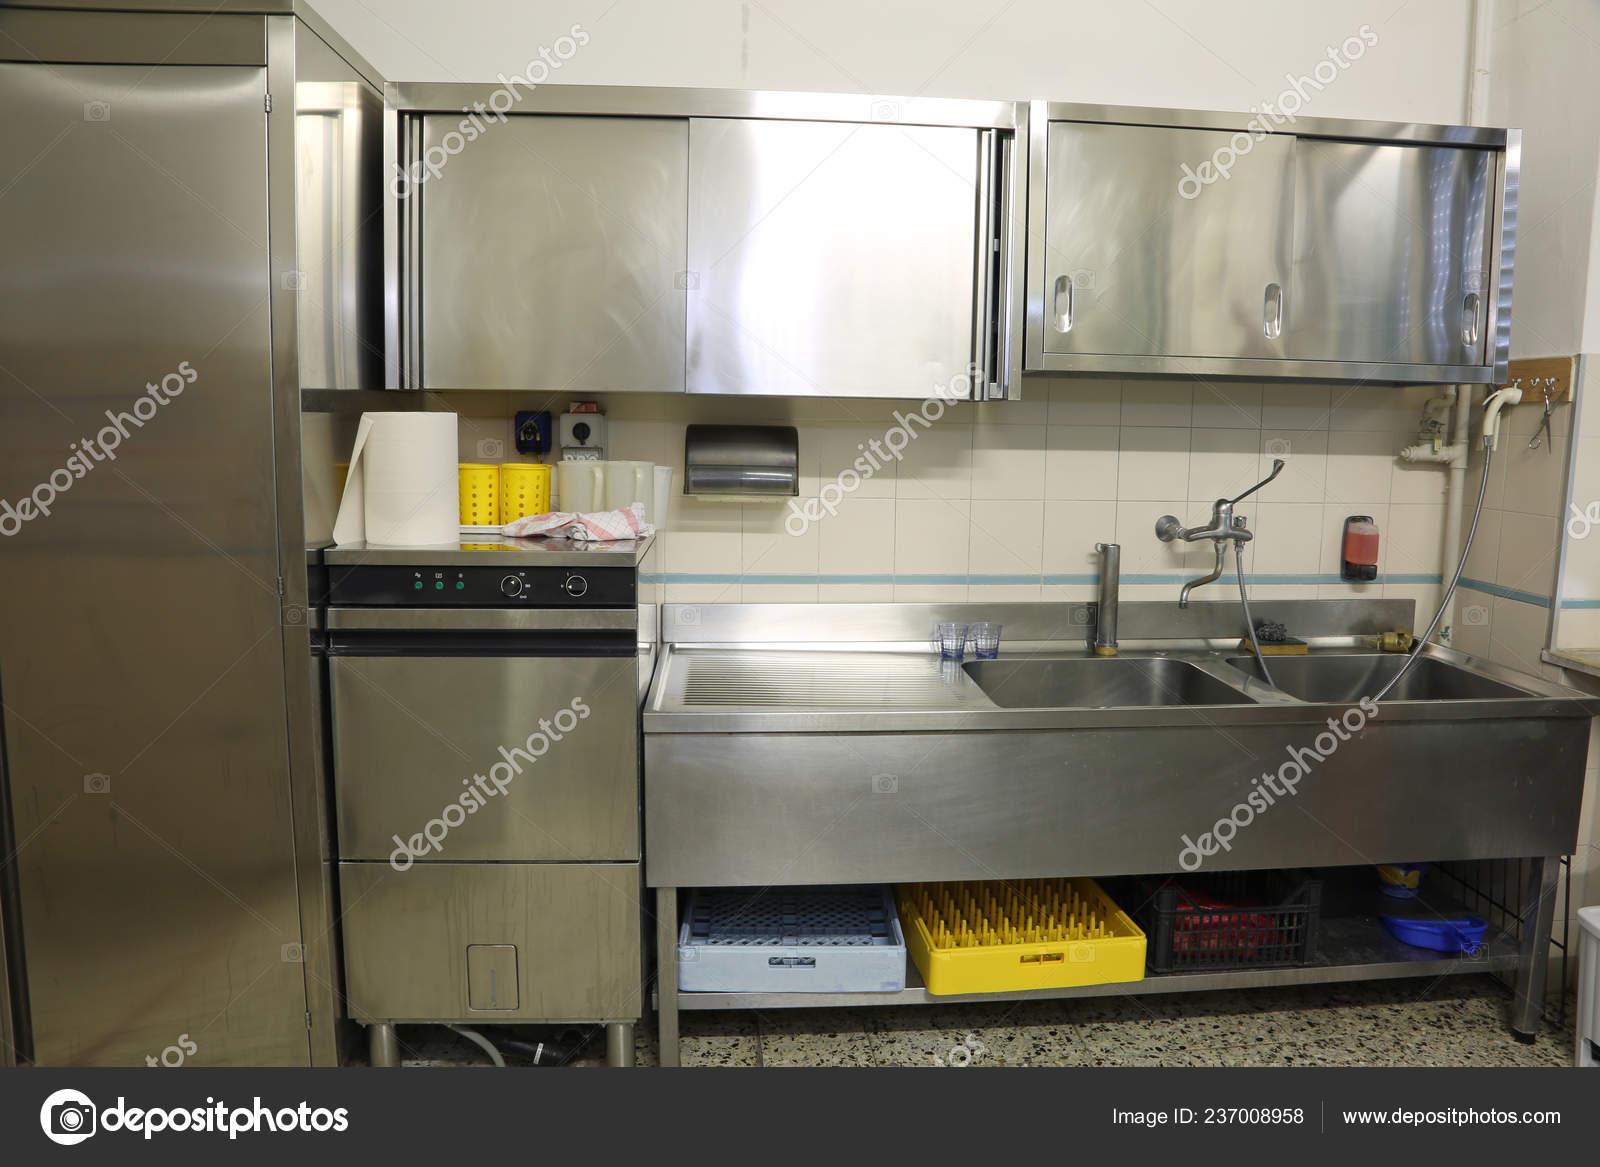 Interior Industrial Kitchen Large Steel Sink Big Dishwasher